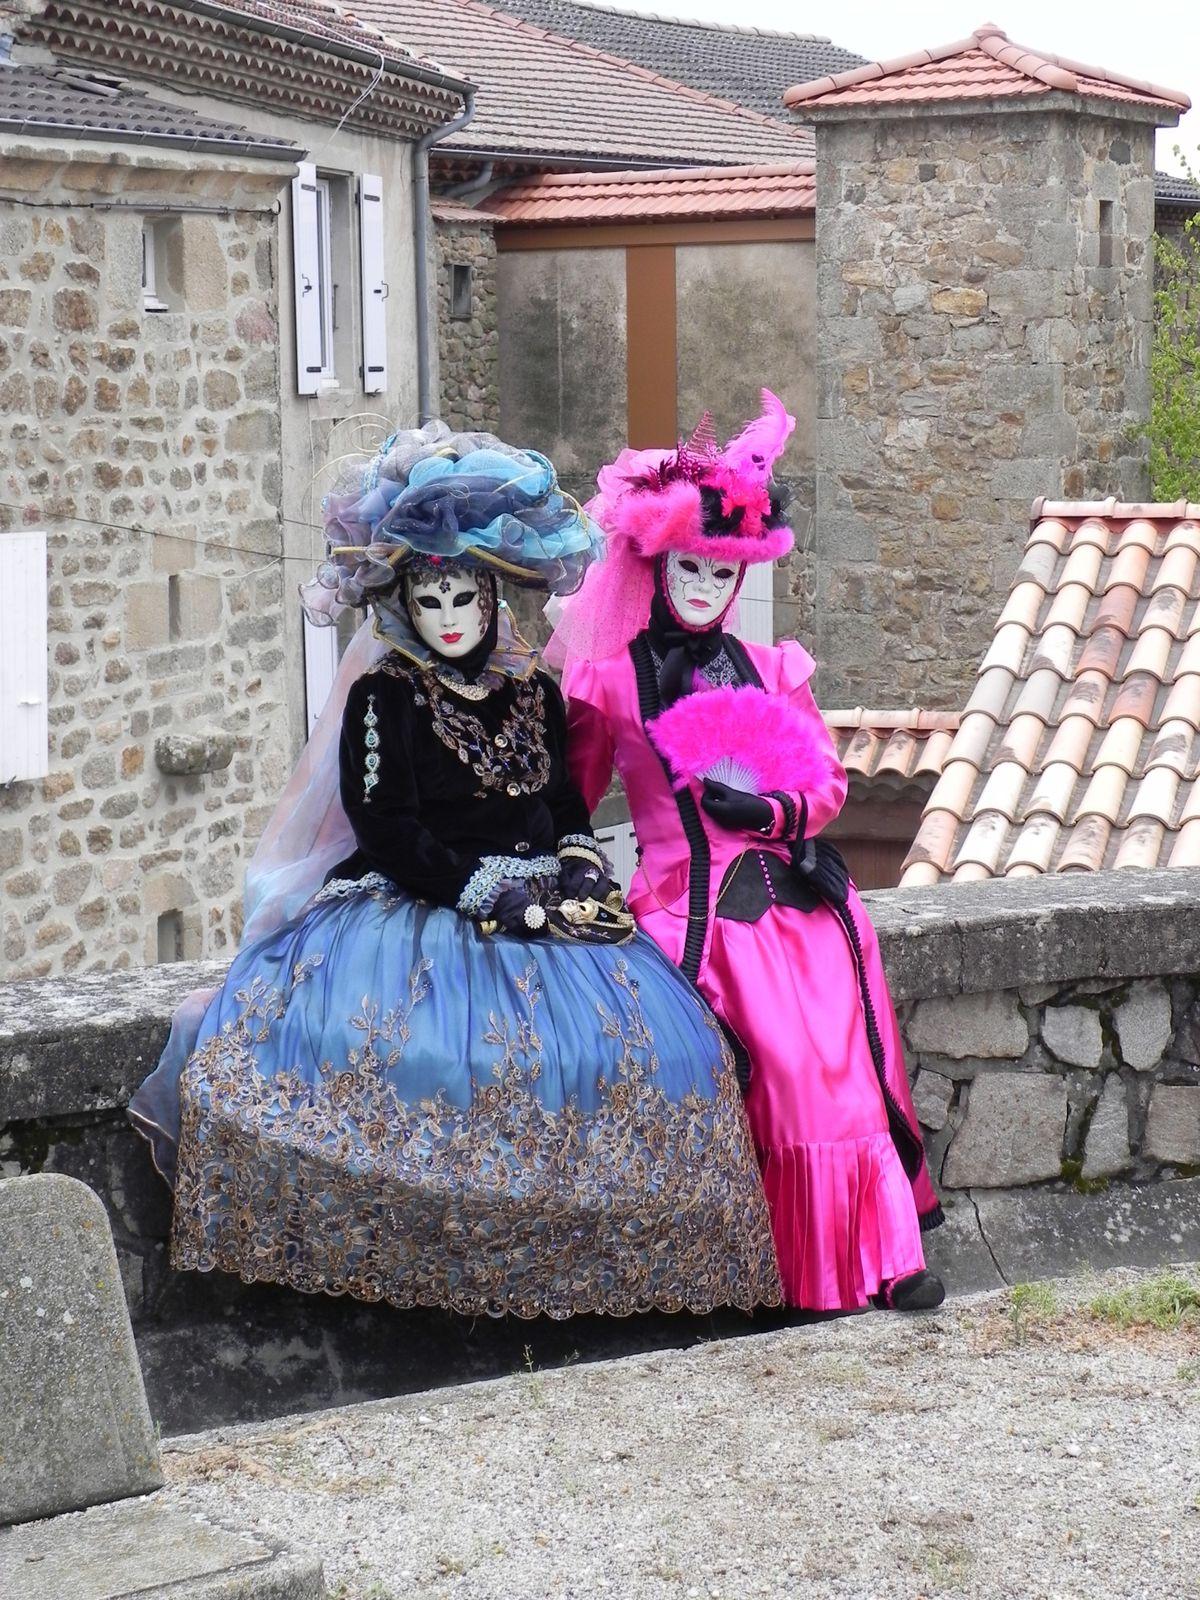 Des costumées surprises.... Qui se cache sous ces costumes ?